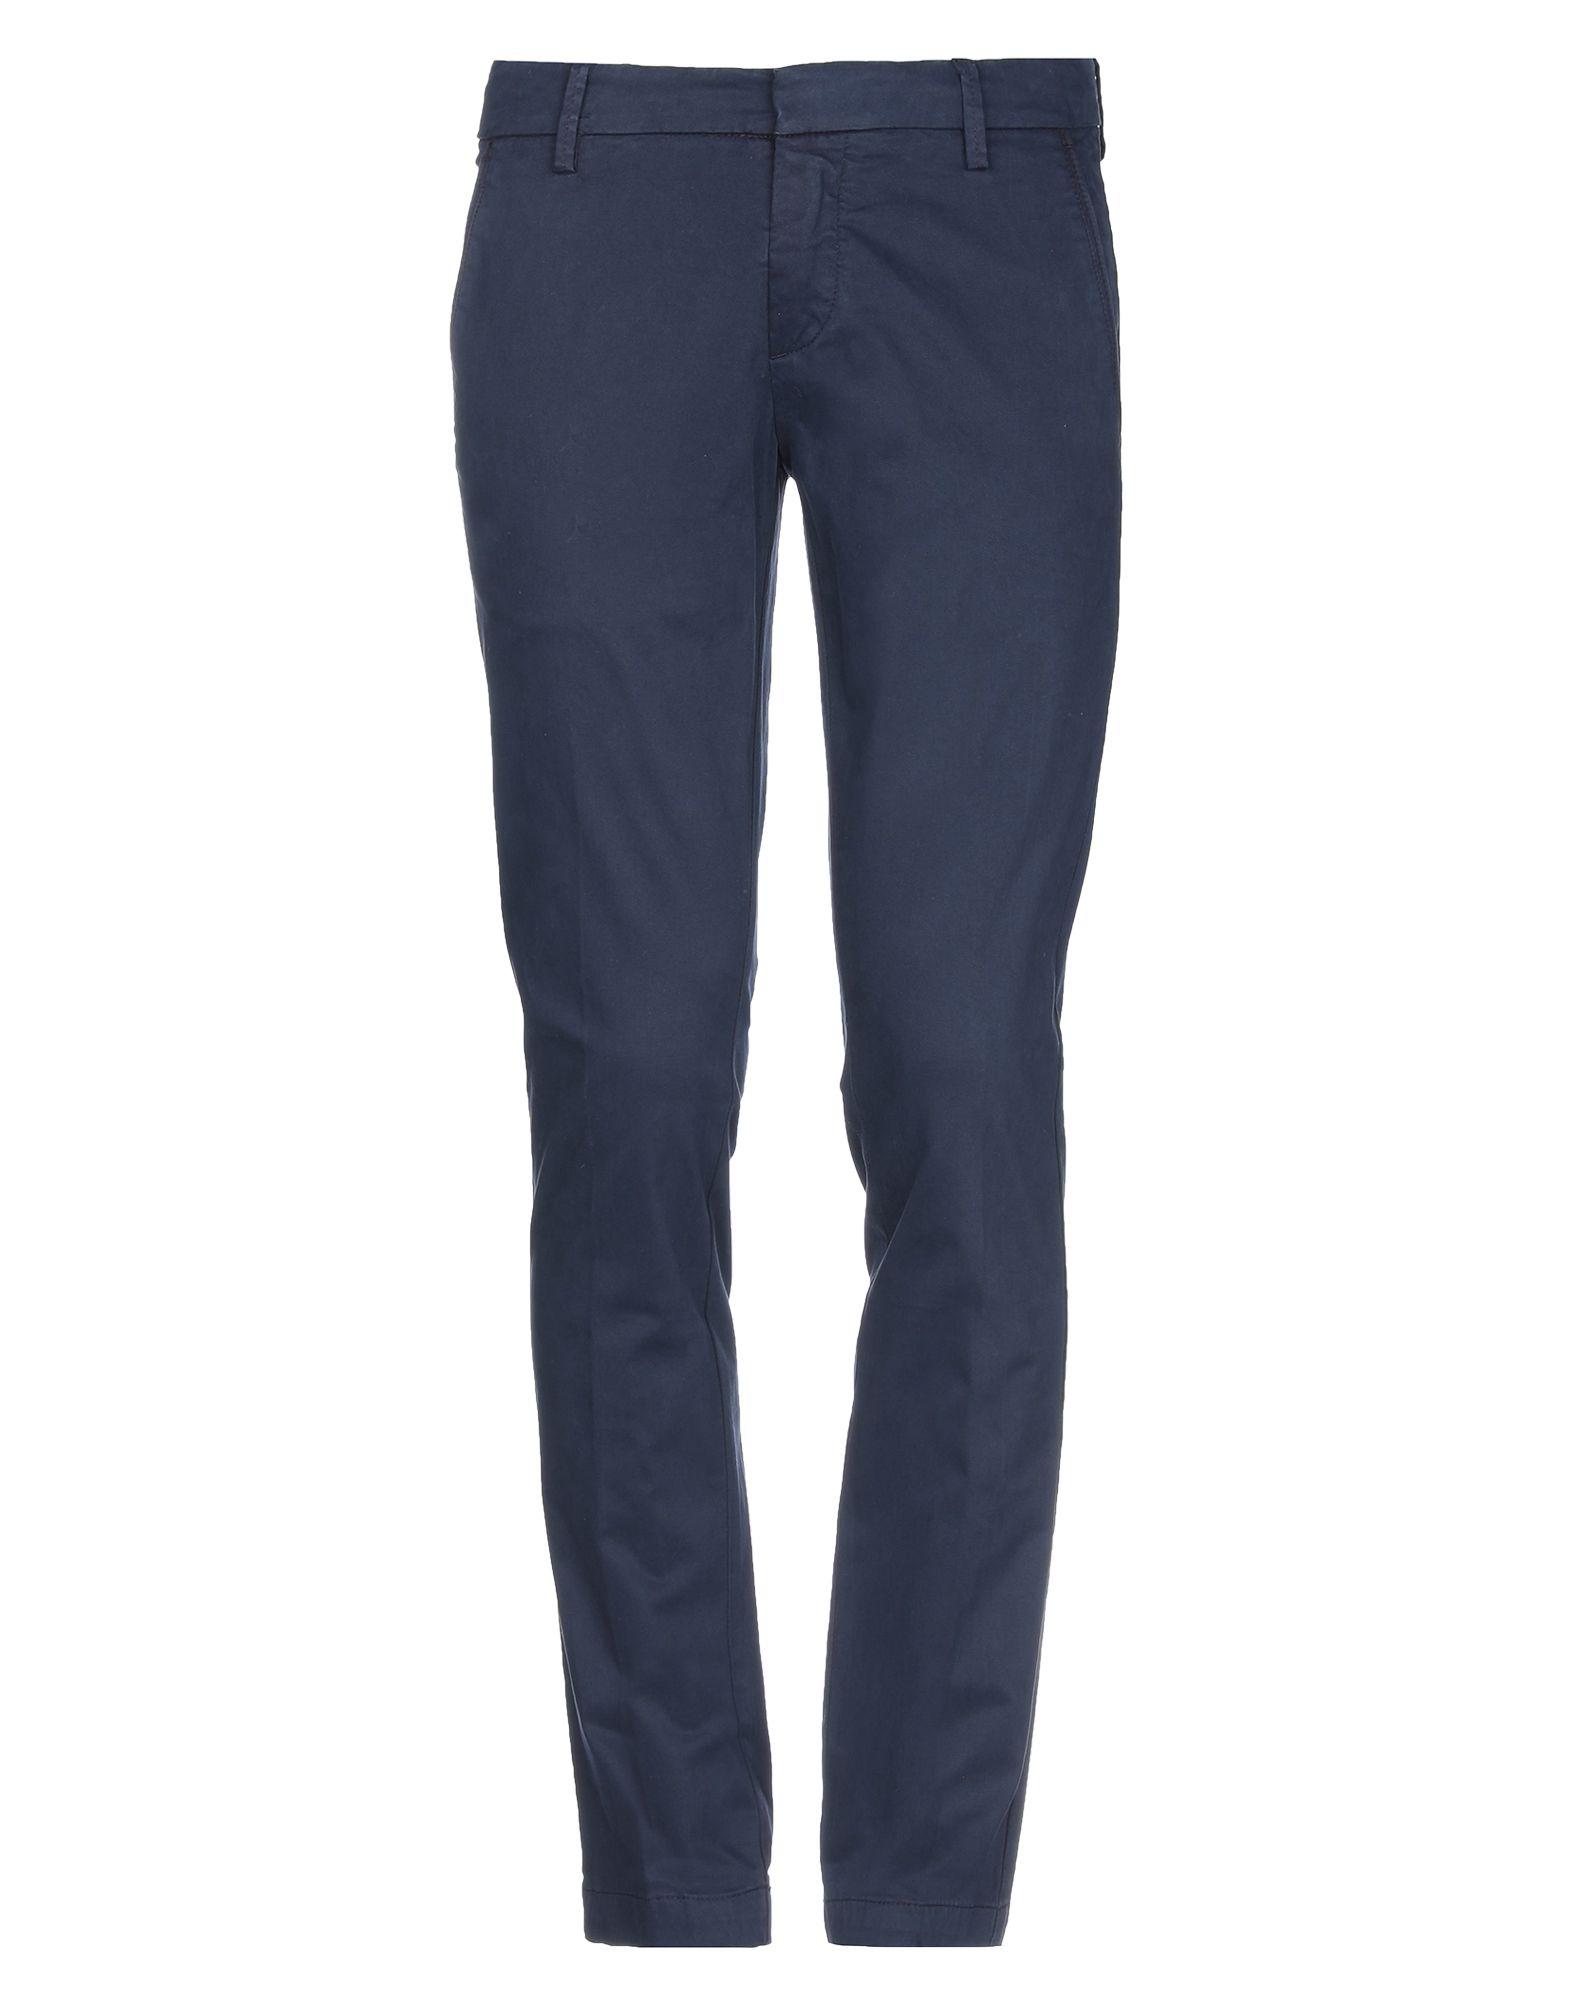 《期間限定セール開催中!》DOUBLE EIGHT メンズ パンツ ブルー 46 コットン 97% / ポリウレタン 3%